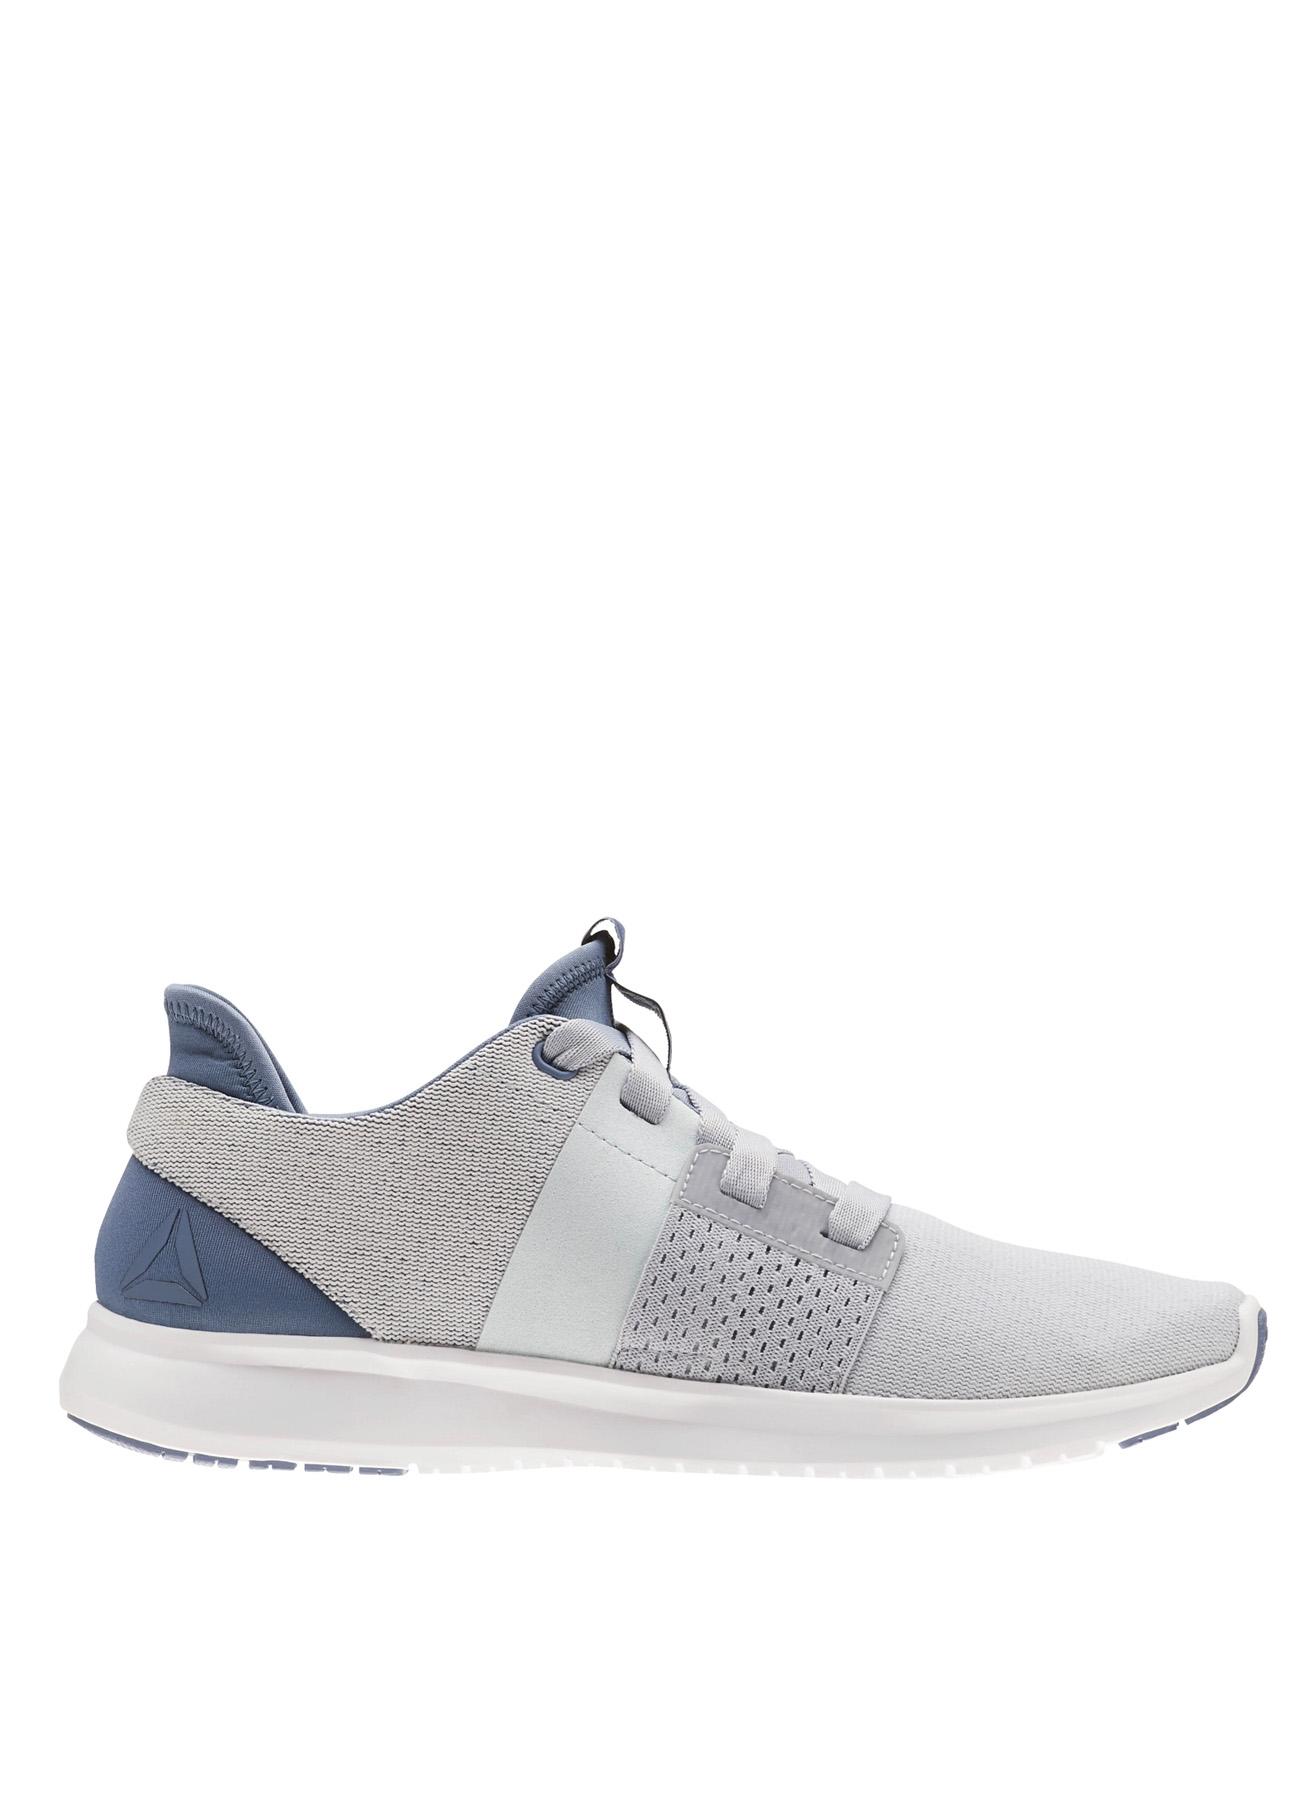 Reebok Trilux Run Koşu Ayakkabısı 37 5001633185002 Ürün Resmi